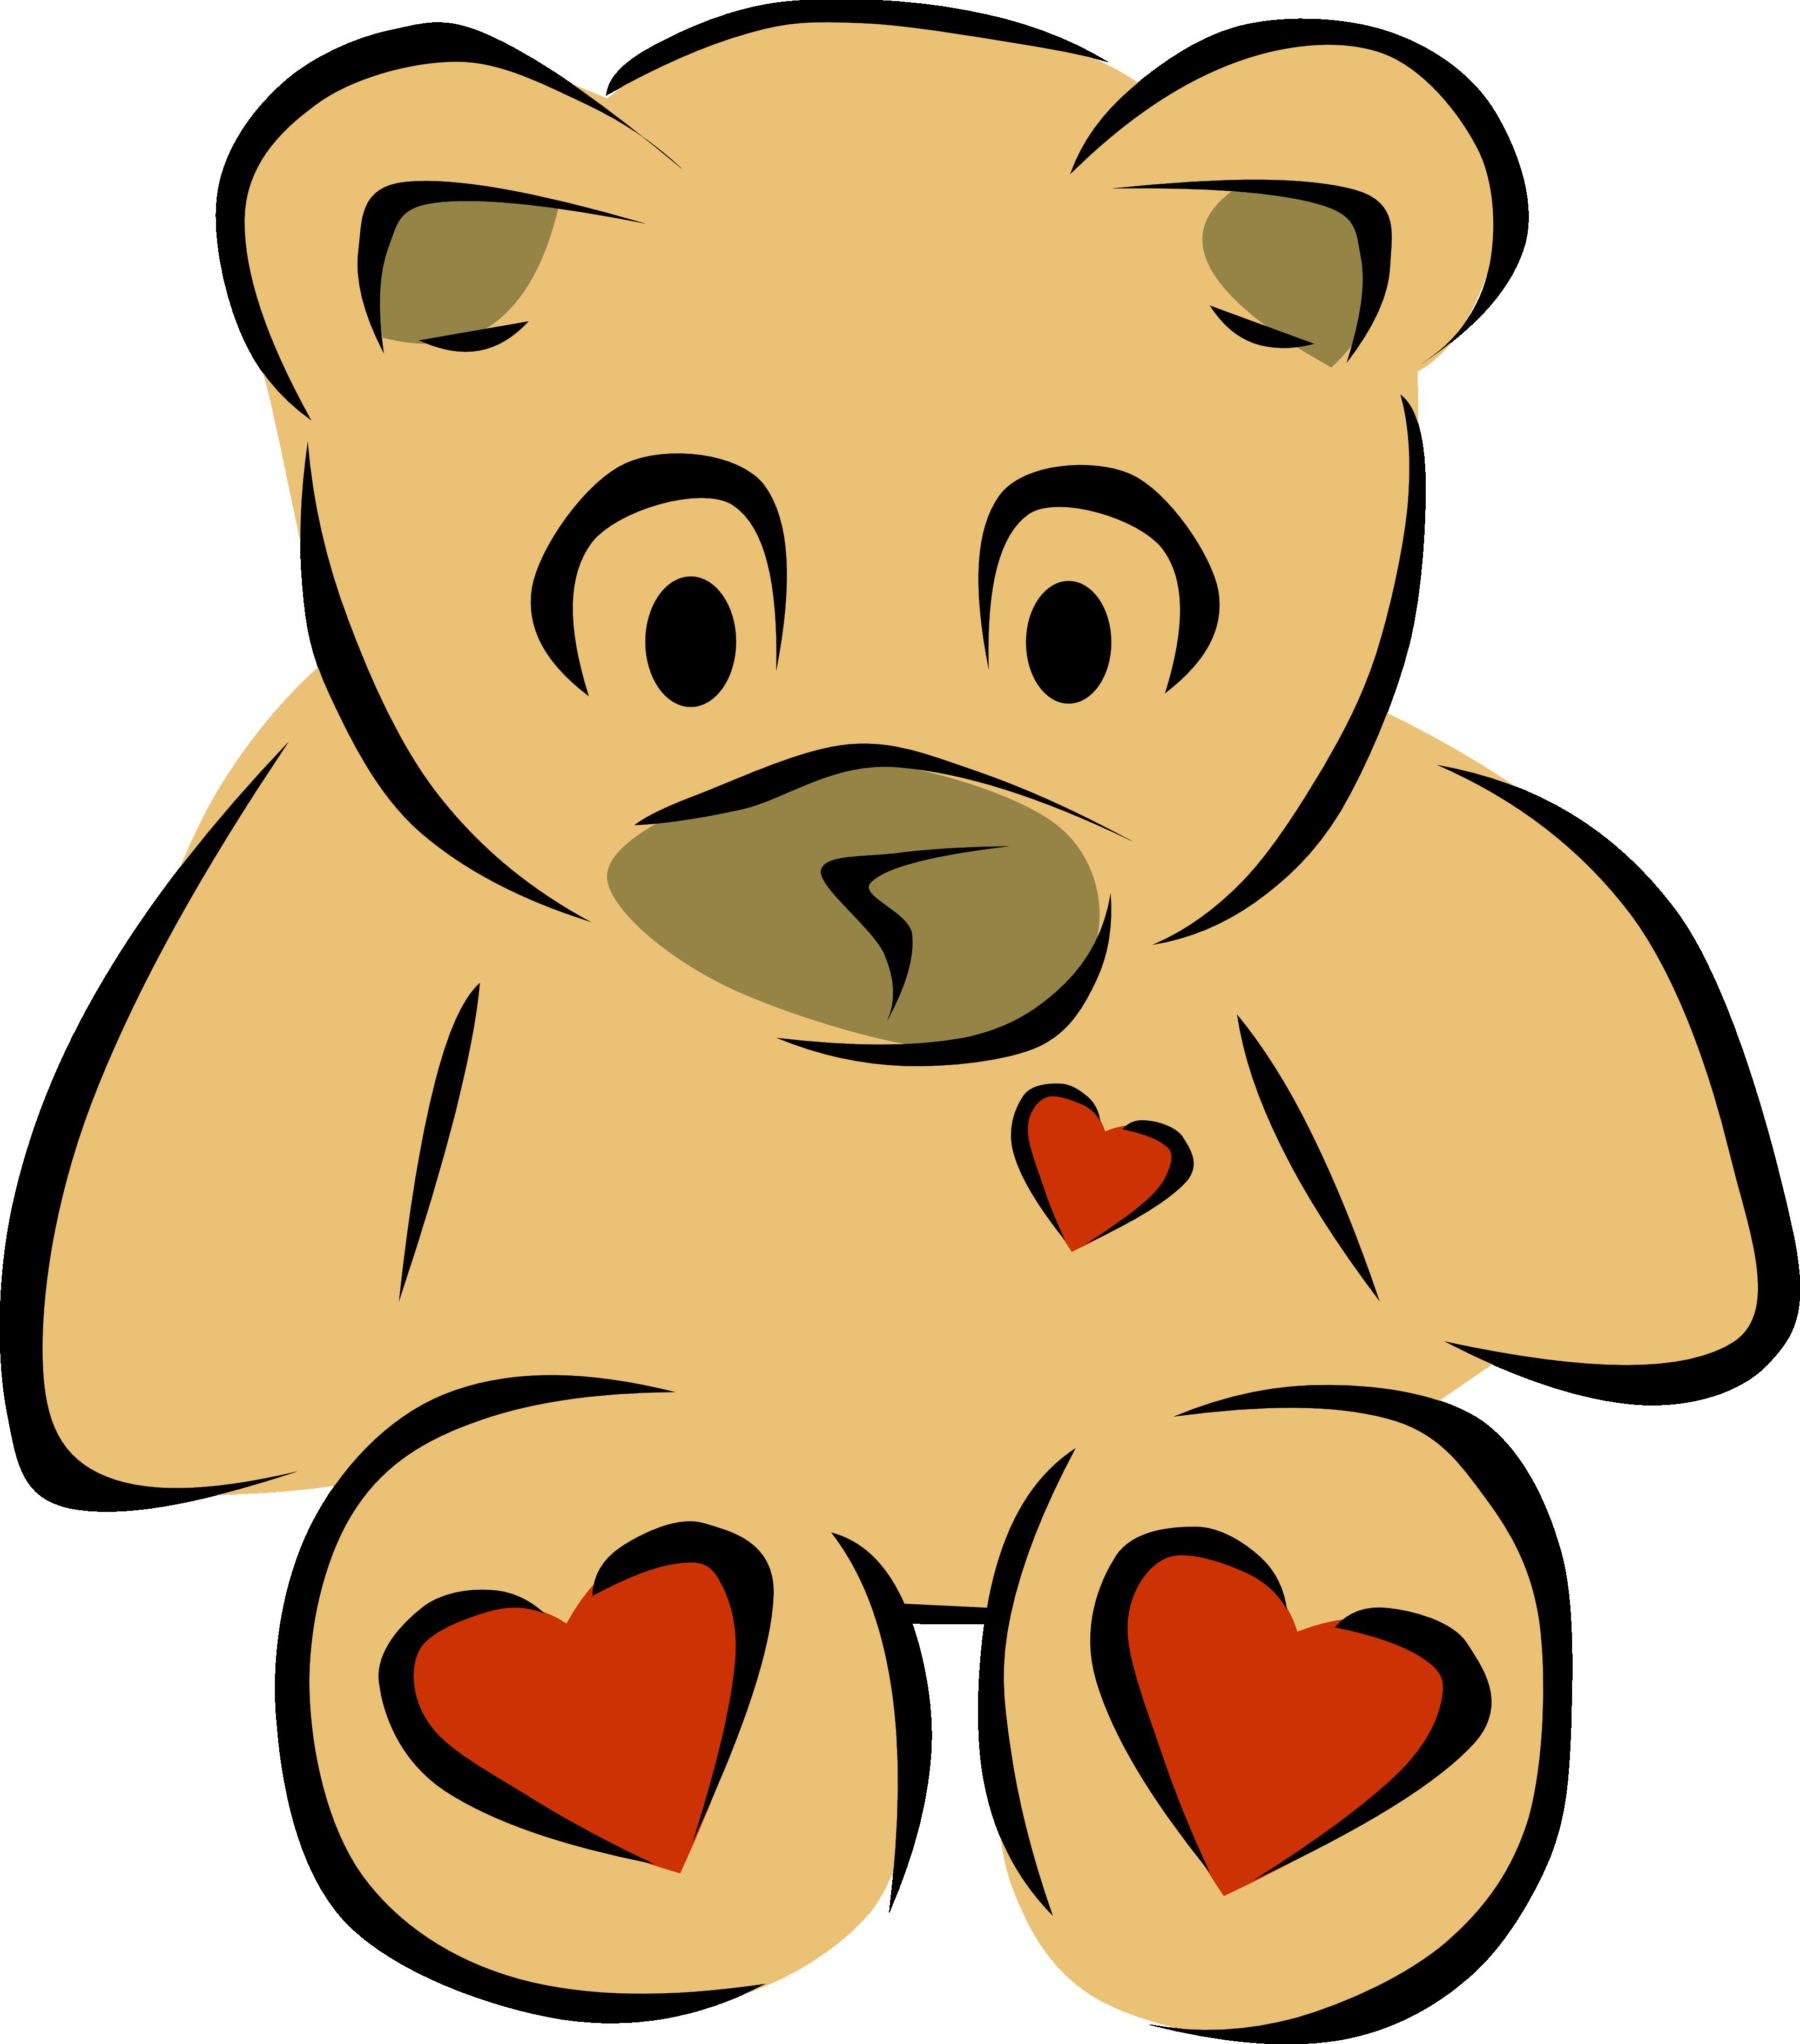 Picnic clipart bear. Clip art heart panda